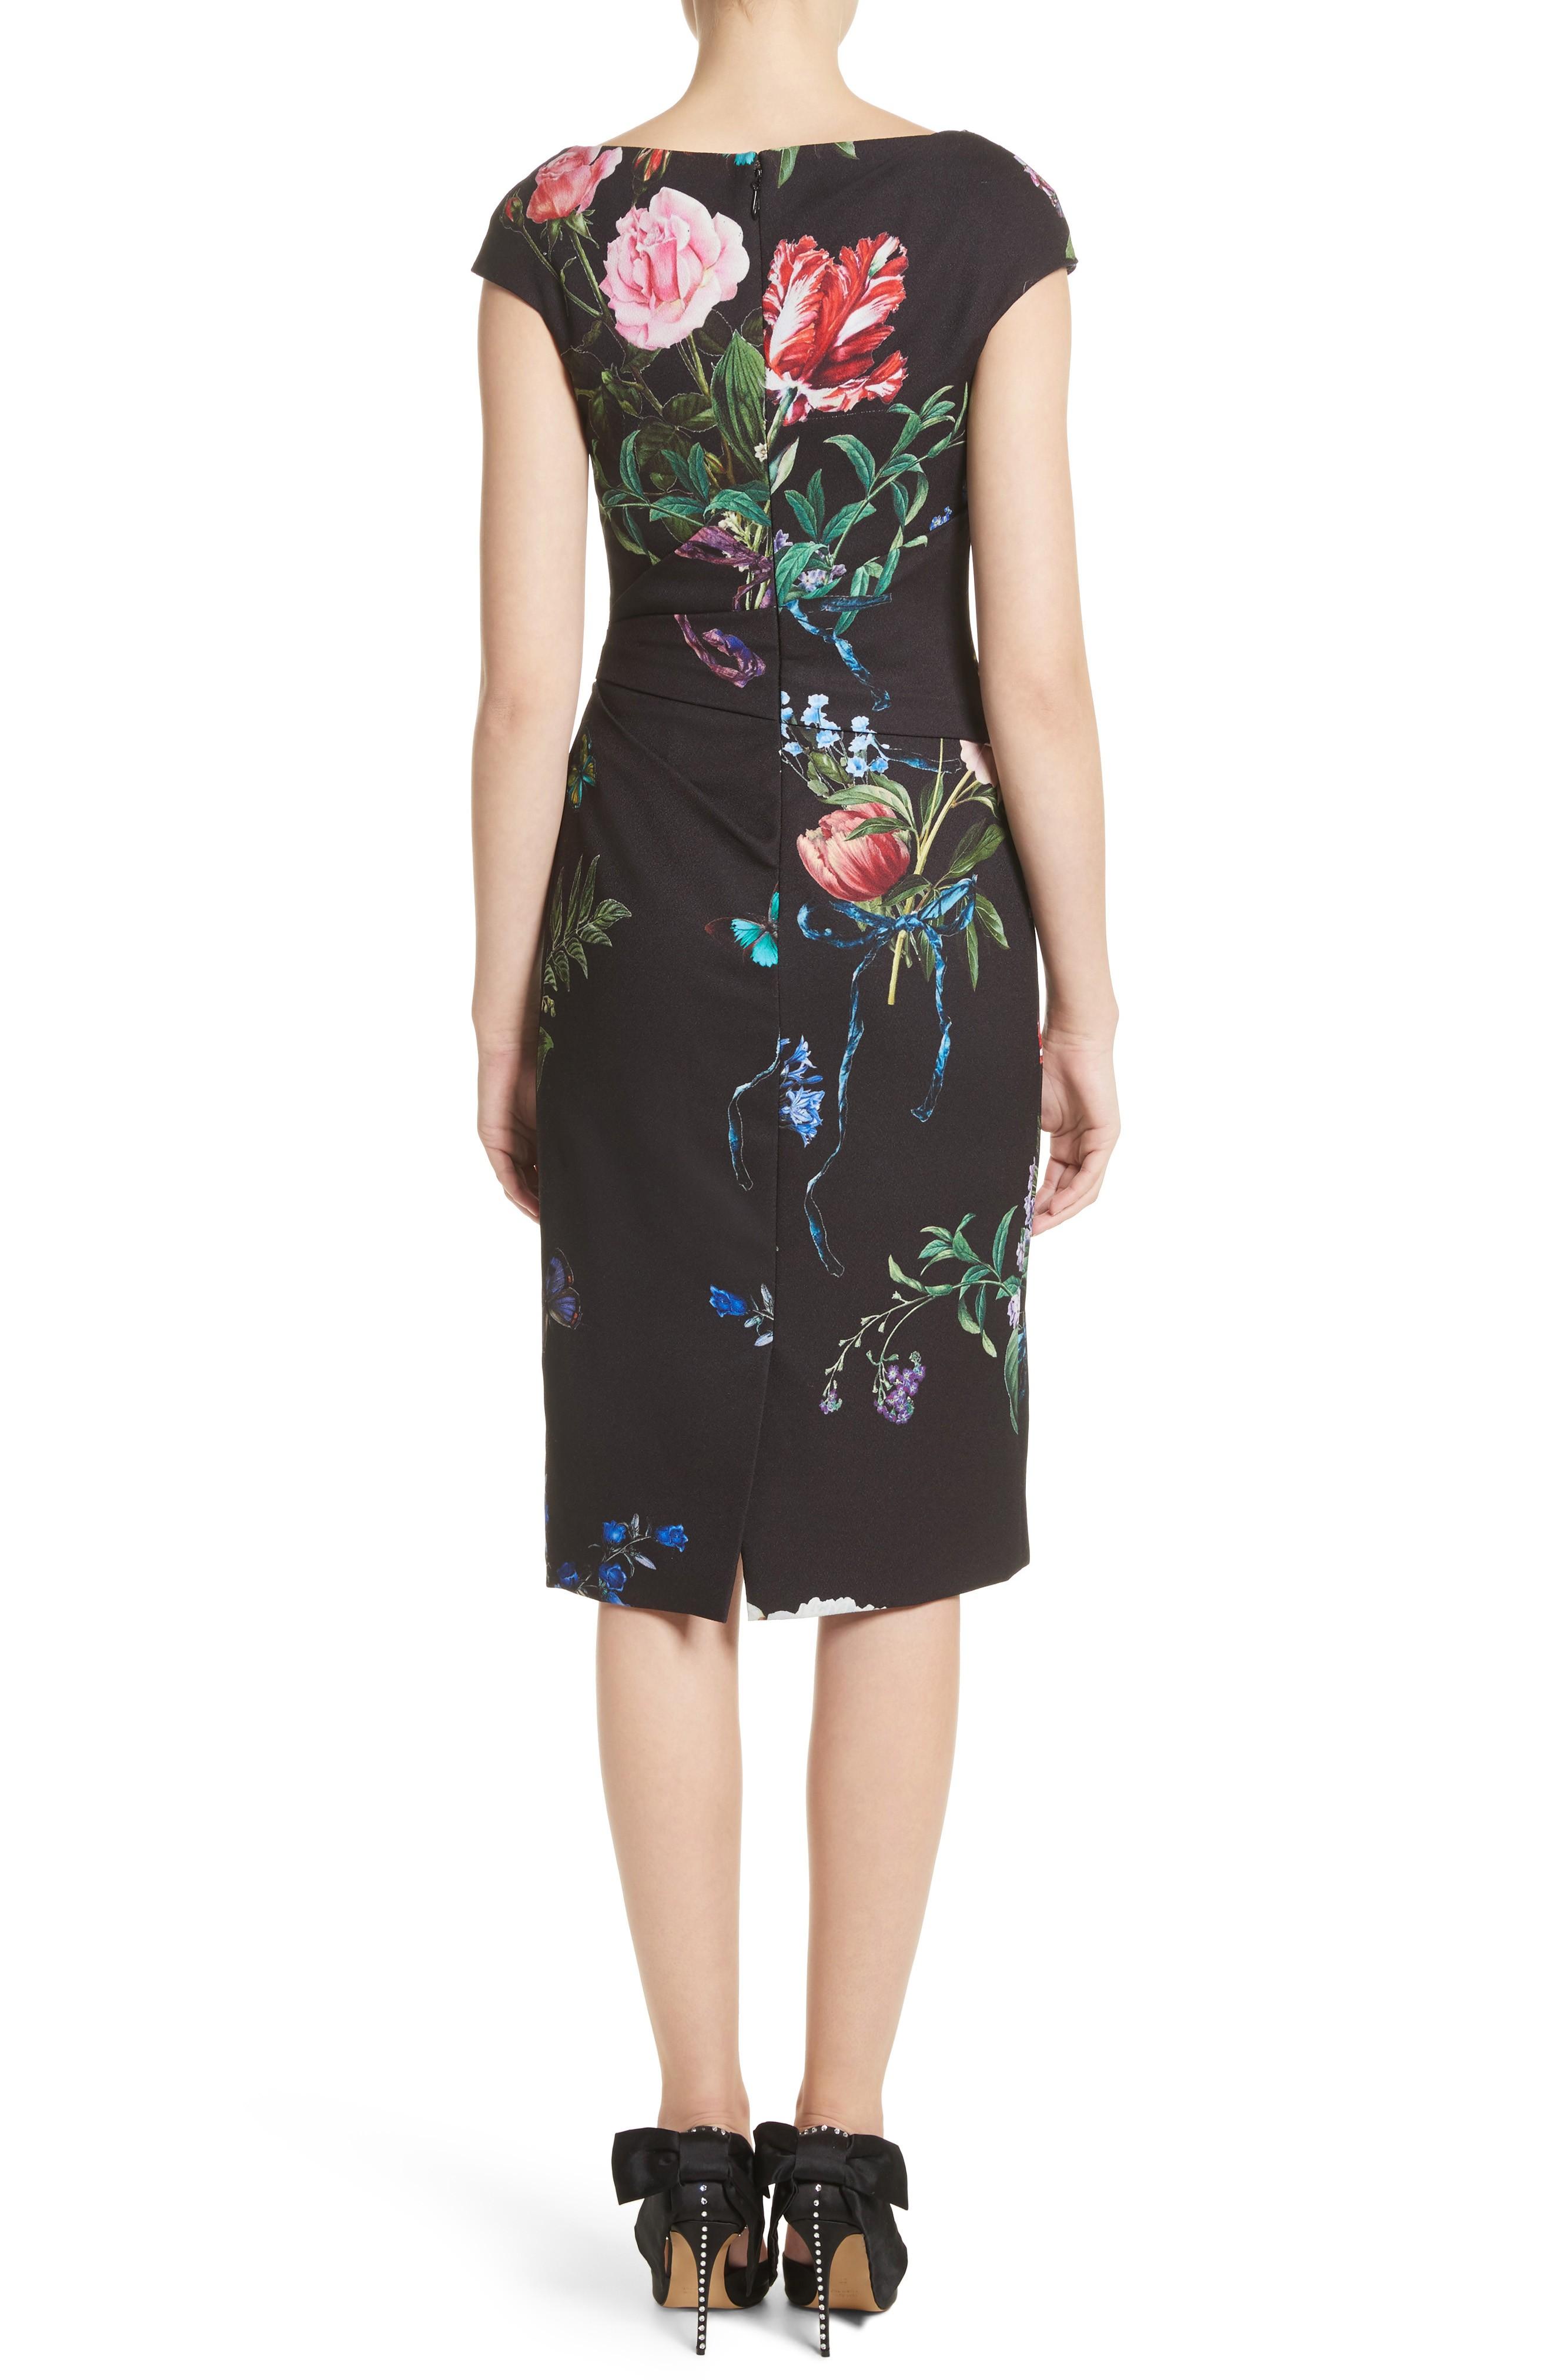 MONIQUE LHUILLIER Botanical Print Draped Sheath Noir / Multi Dress ...